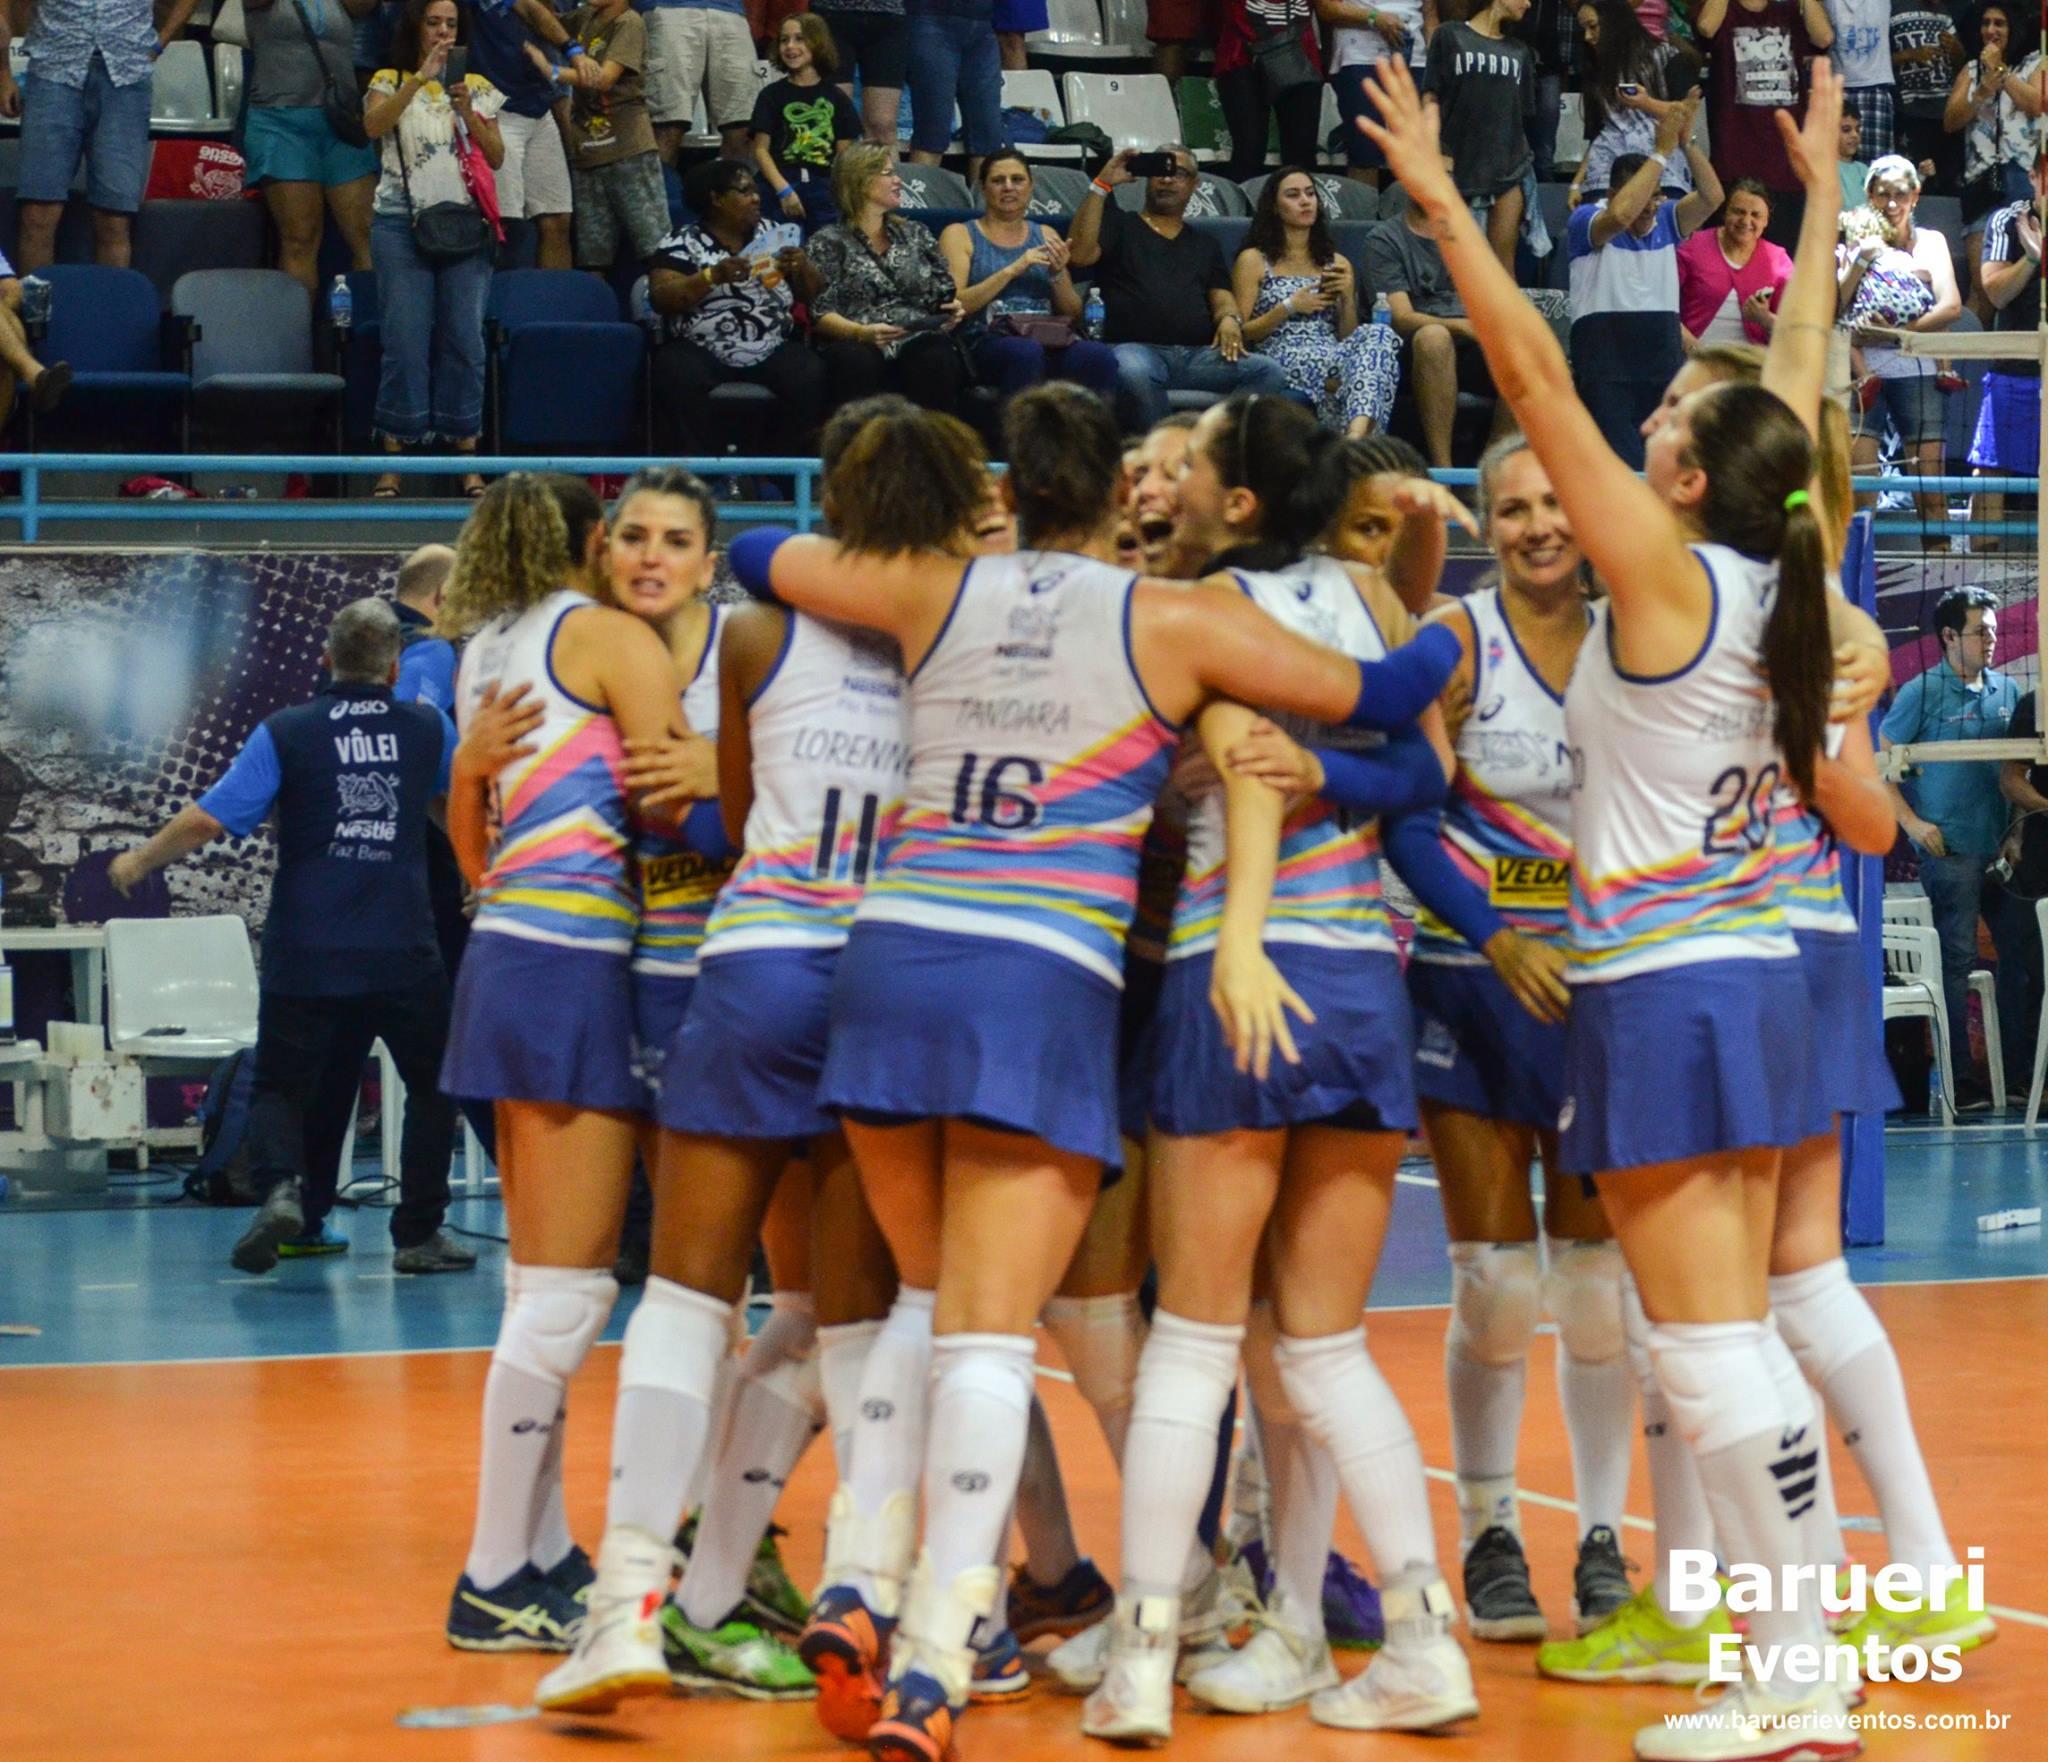 Campeonato Paulista Feminino de Vôlei – Final : Vôlei Nestlé x Hinode Barueri